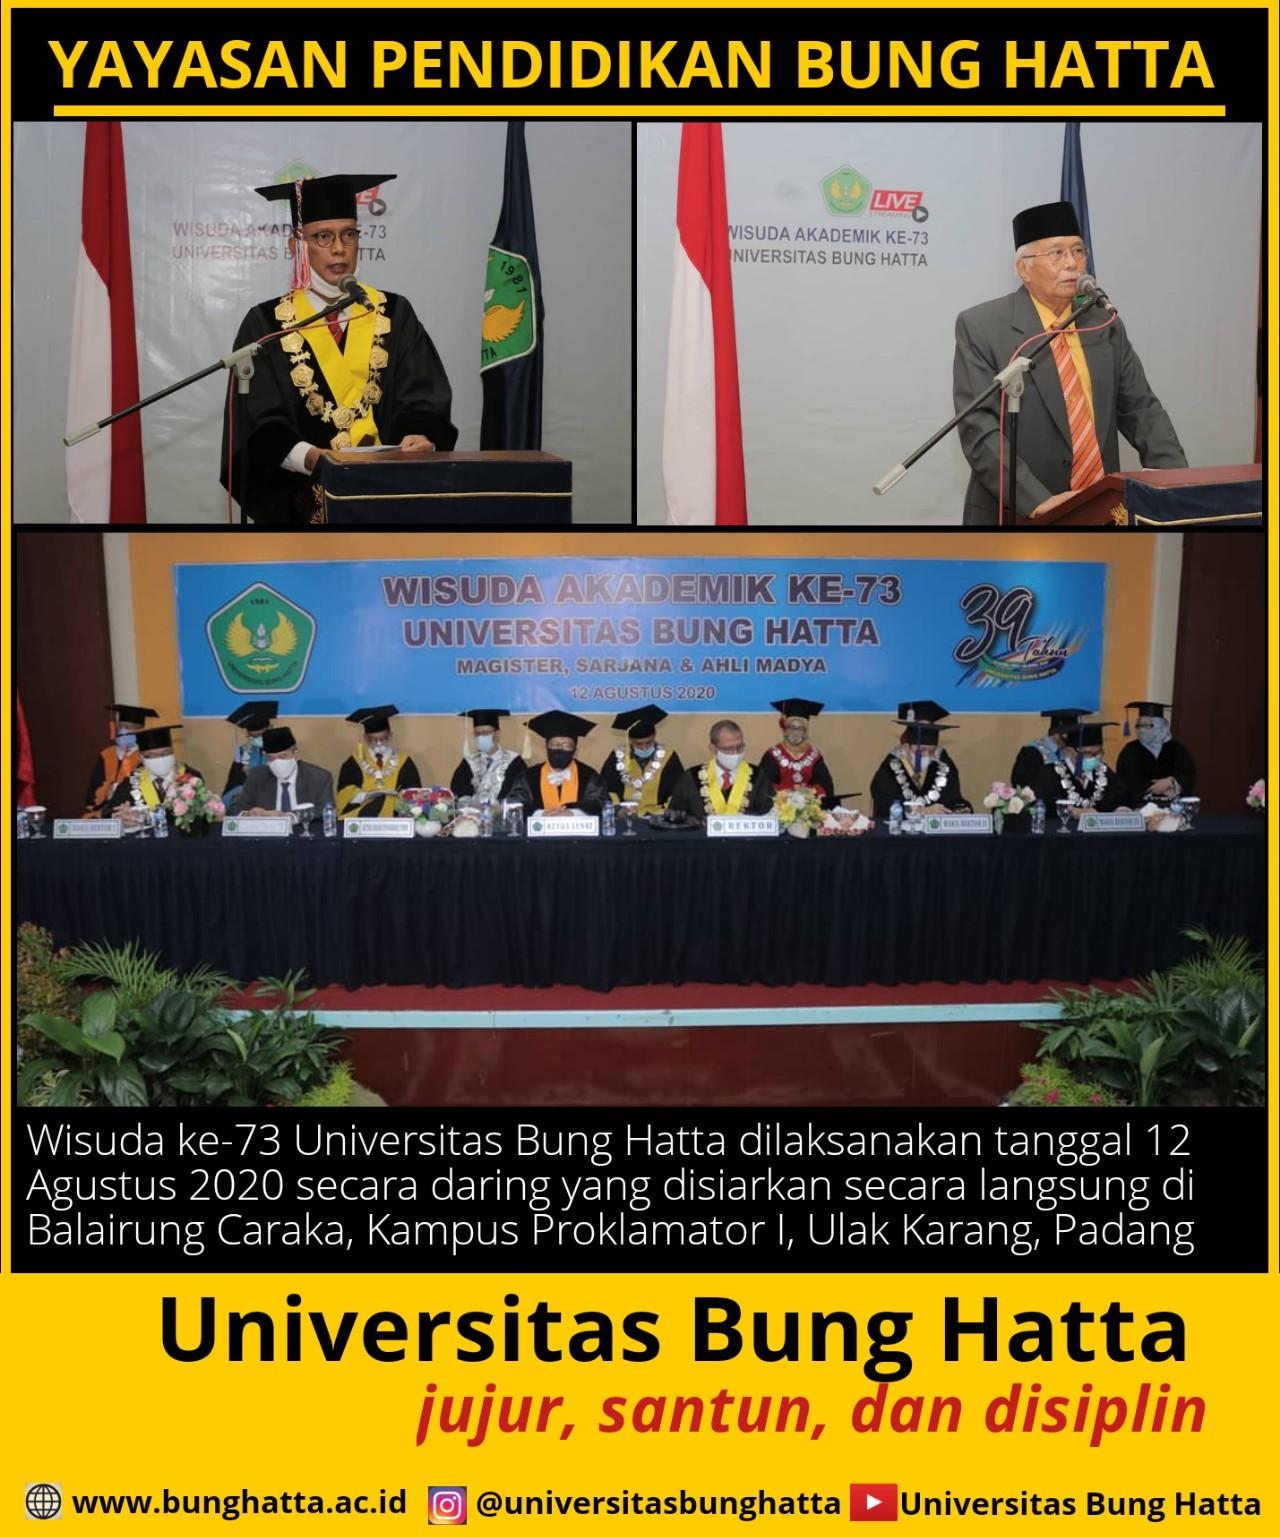 Pelaksanaan Wisuda ke-73 Universitas Bung Hatta